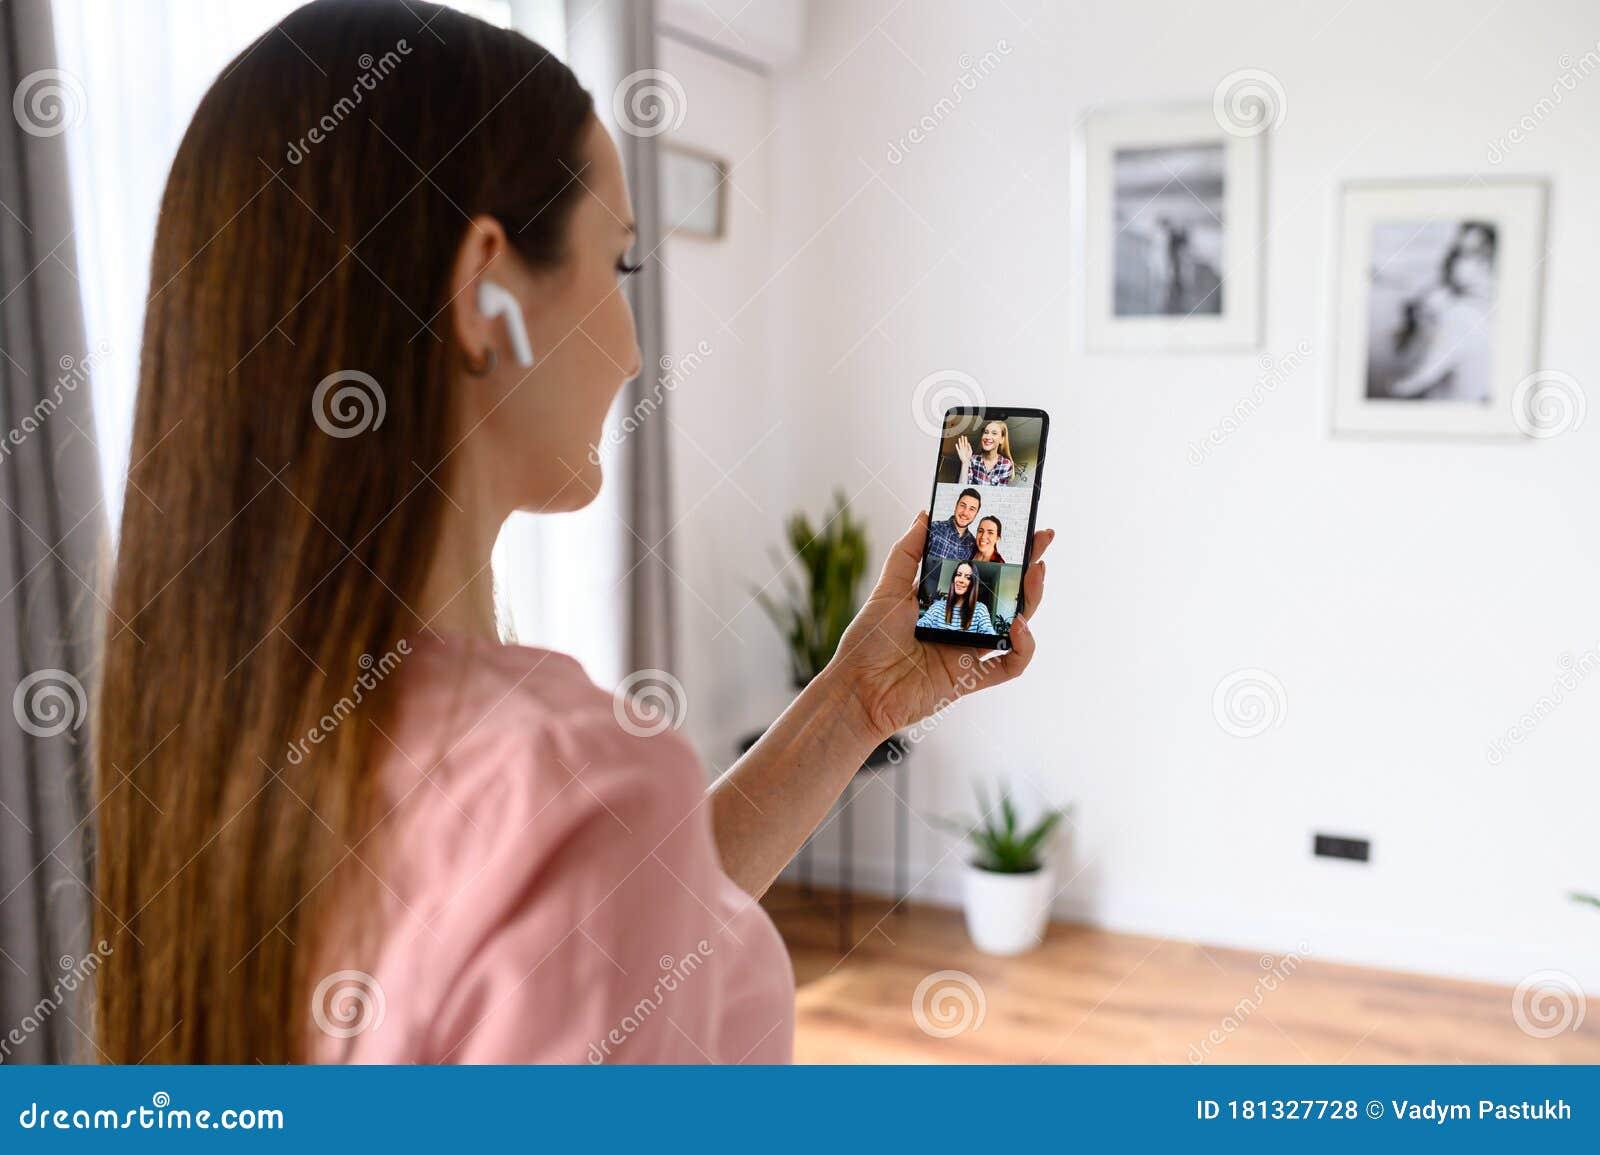 Call chatting video online Free Random